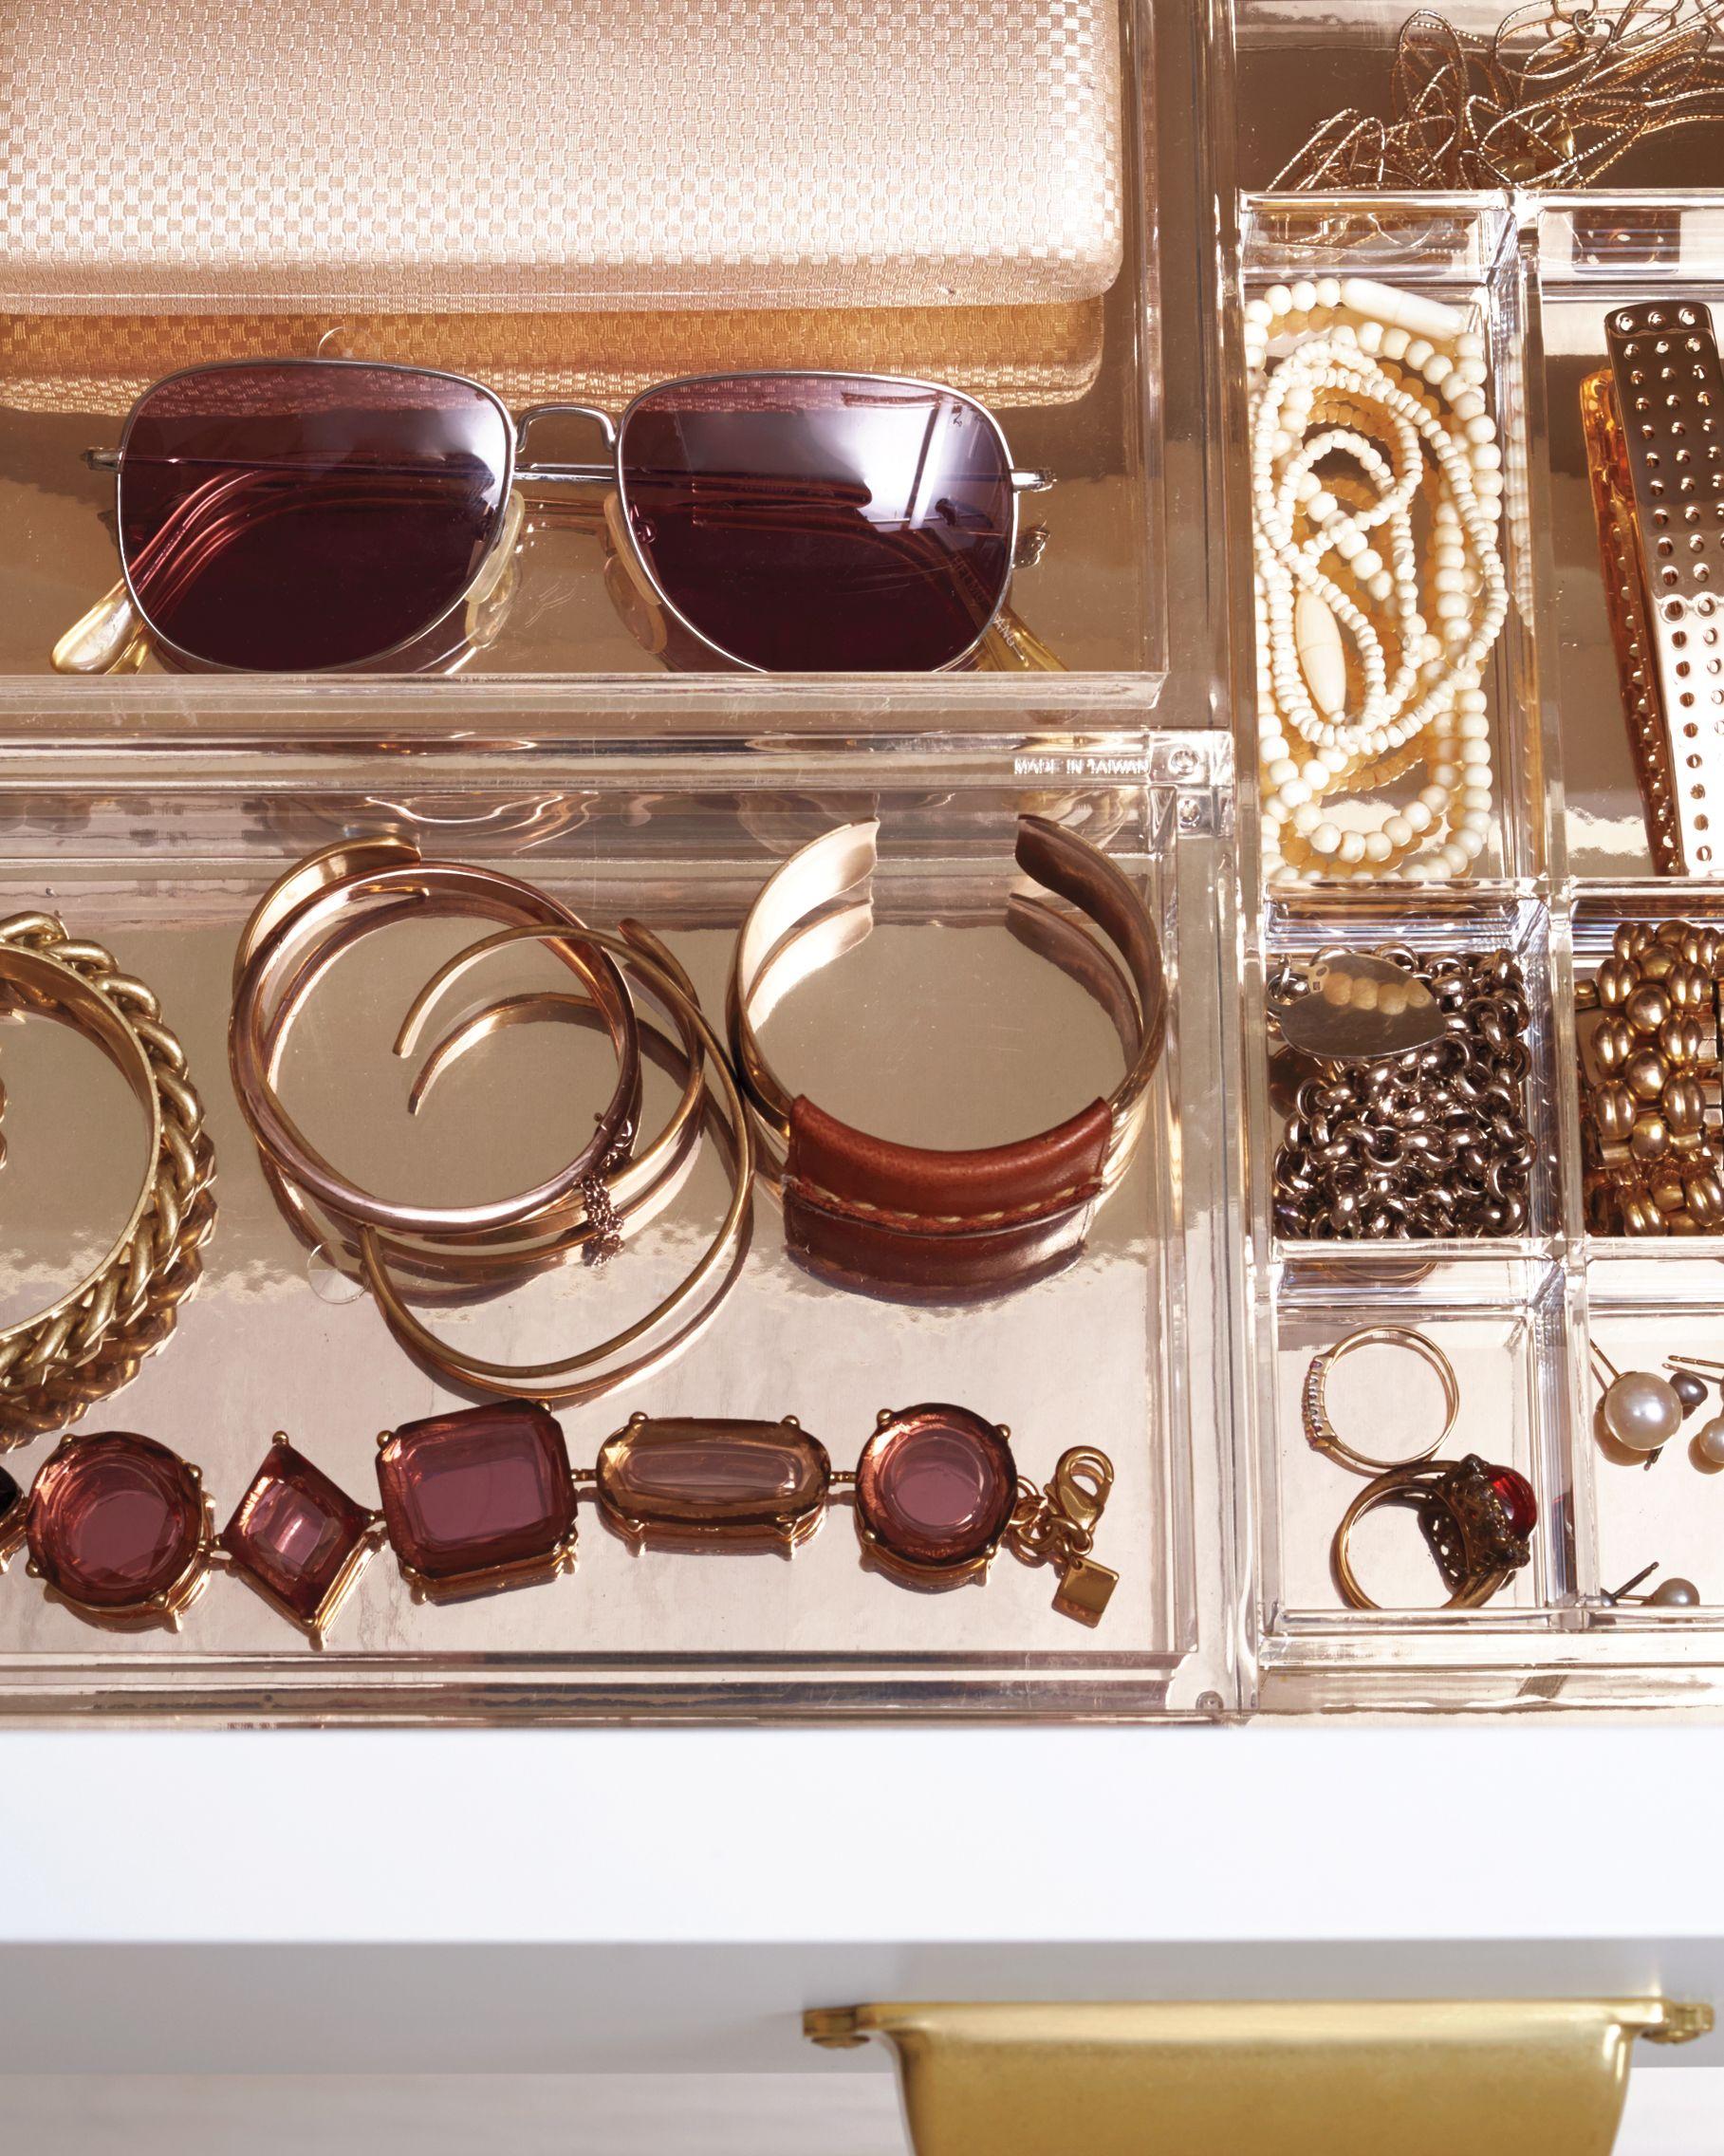 DIY Jewelry Organizers 12 Ways to Untangle